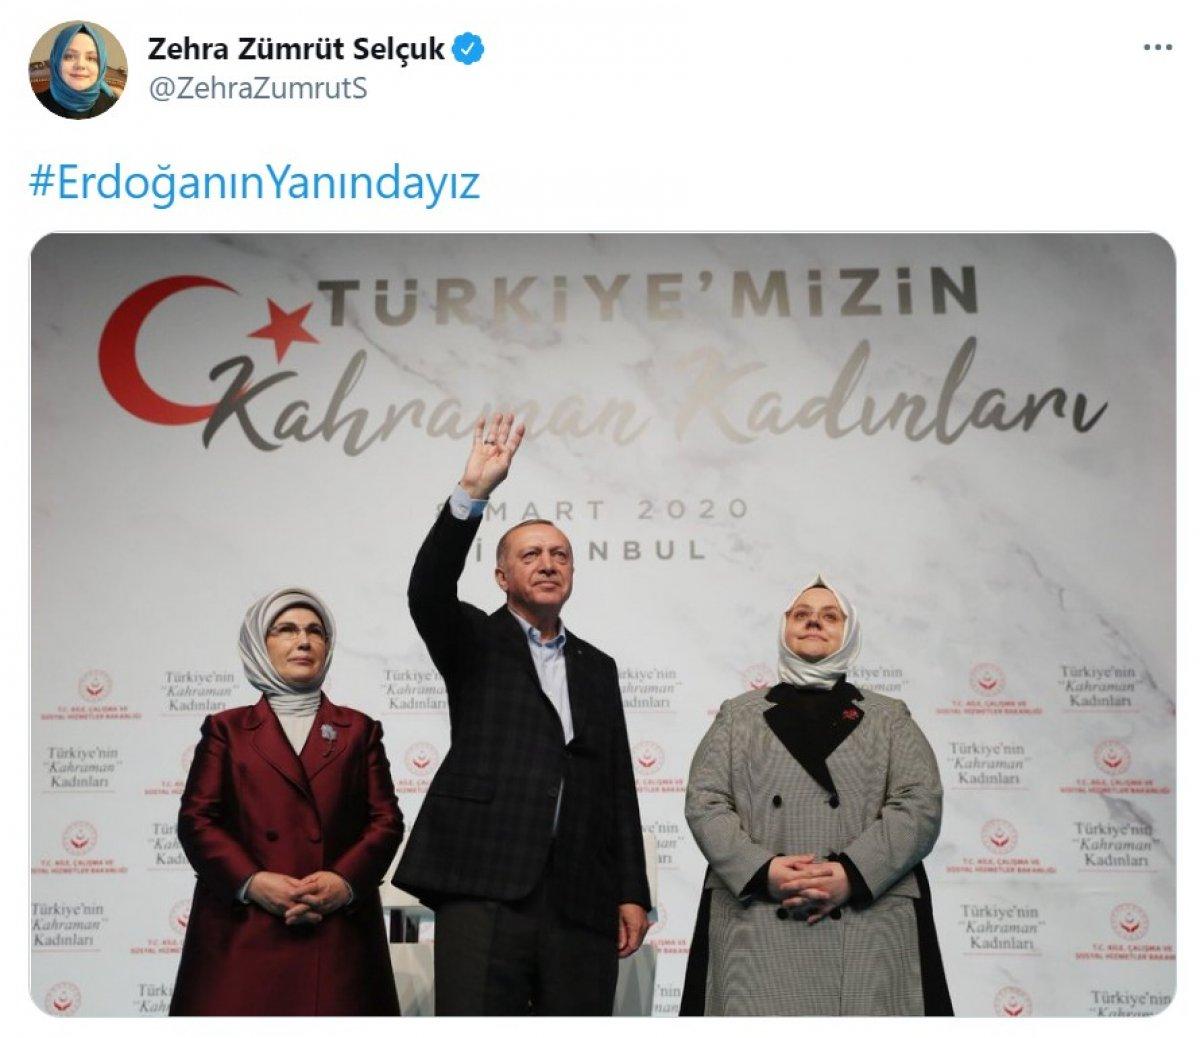 Cumhurbaşkanı Erdoğan a destek tweet leri 2 milyonu aştı #8